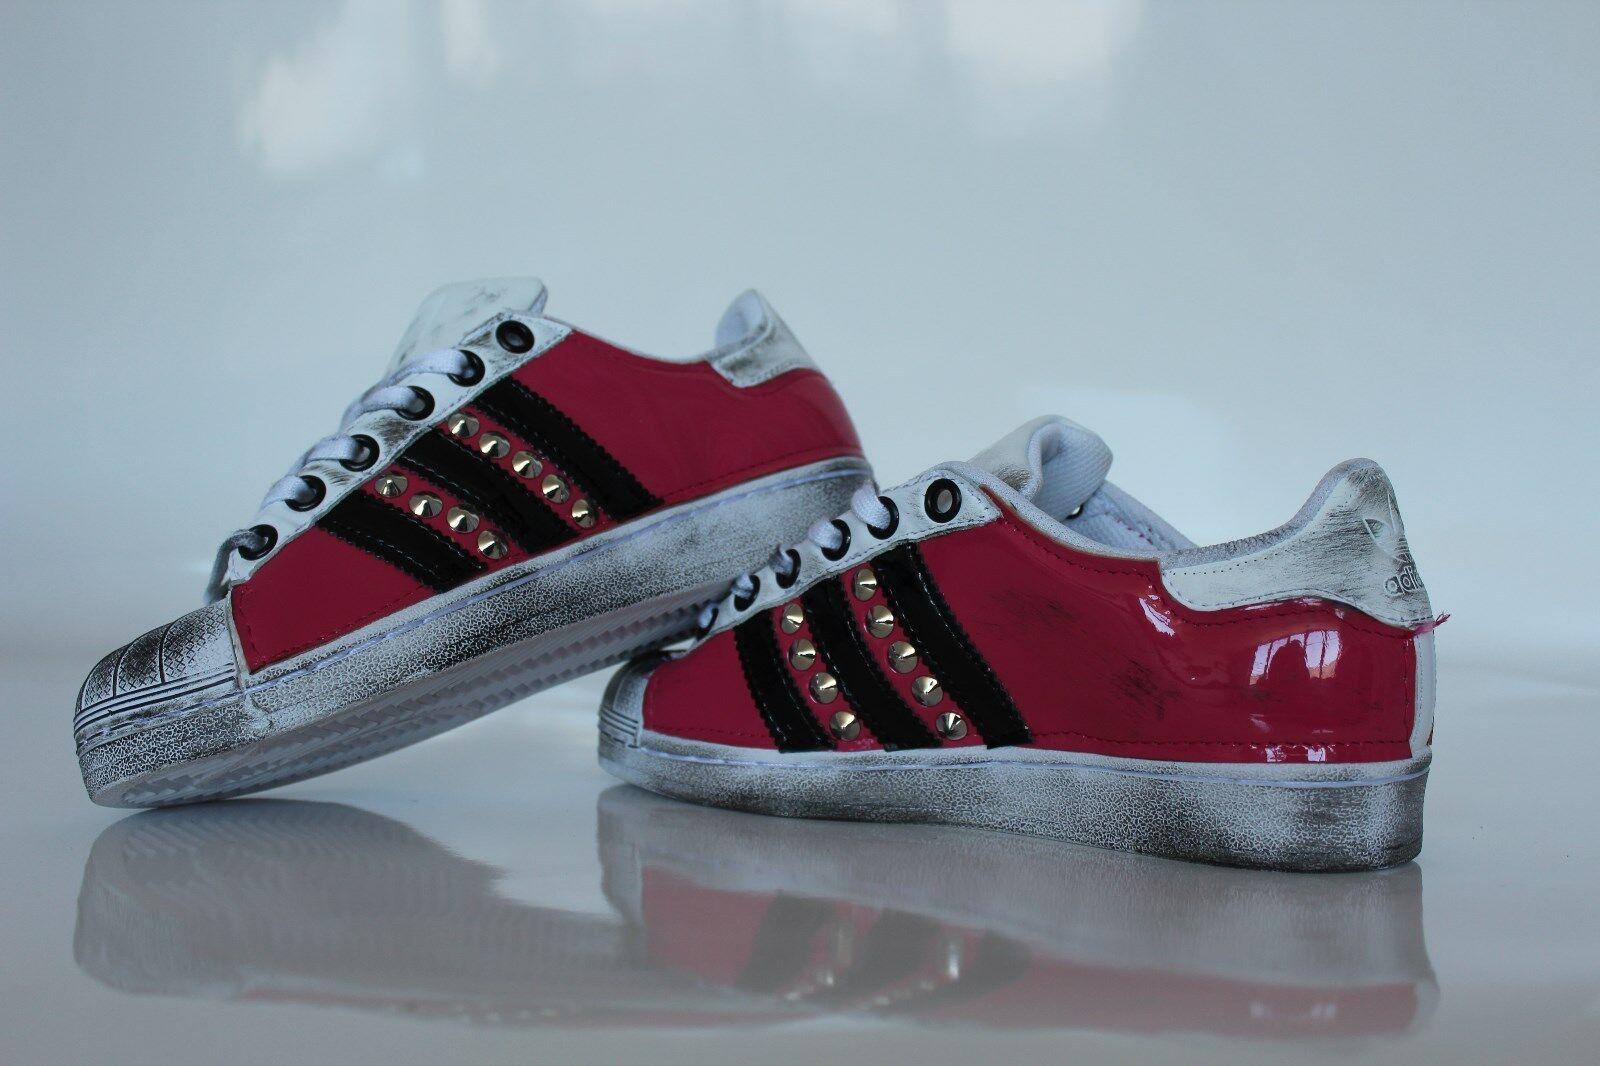 scarpe adidas super star nera con pelle rosa e nera star piu' borchie  e sporcatura 3c146a